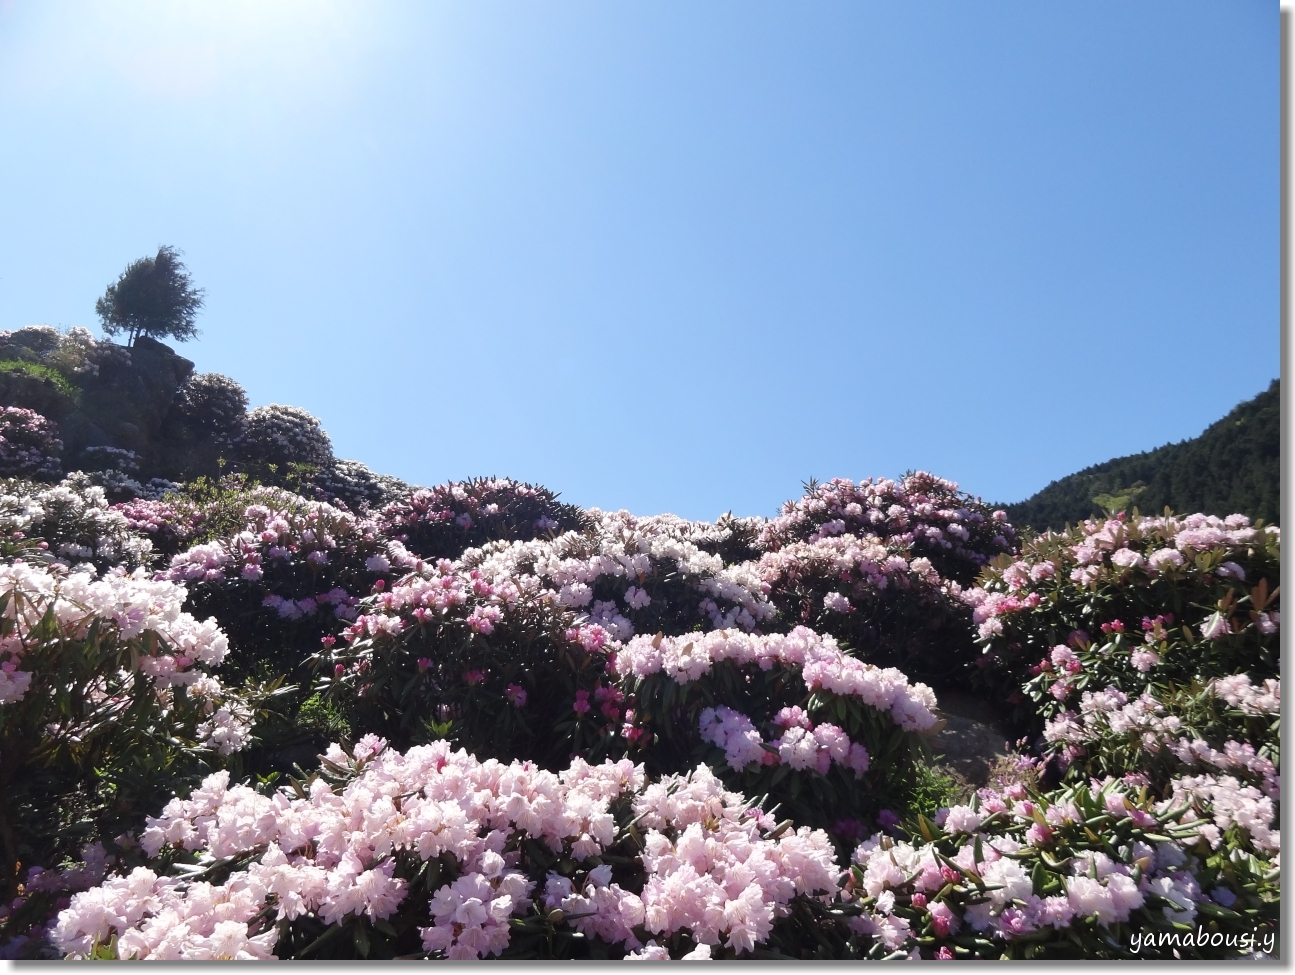 輝く花のように 2